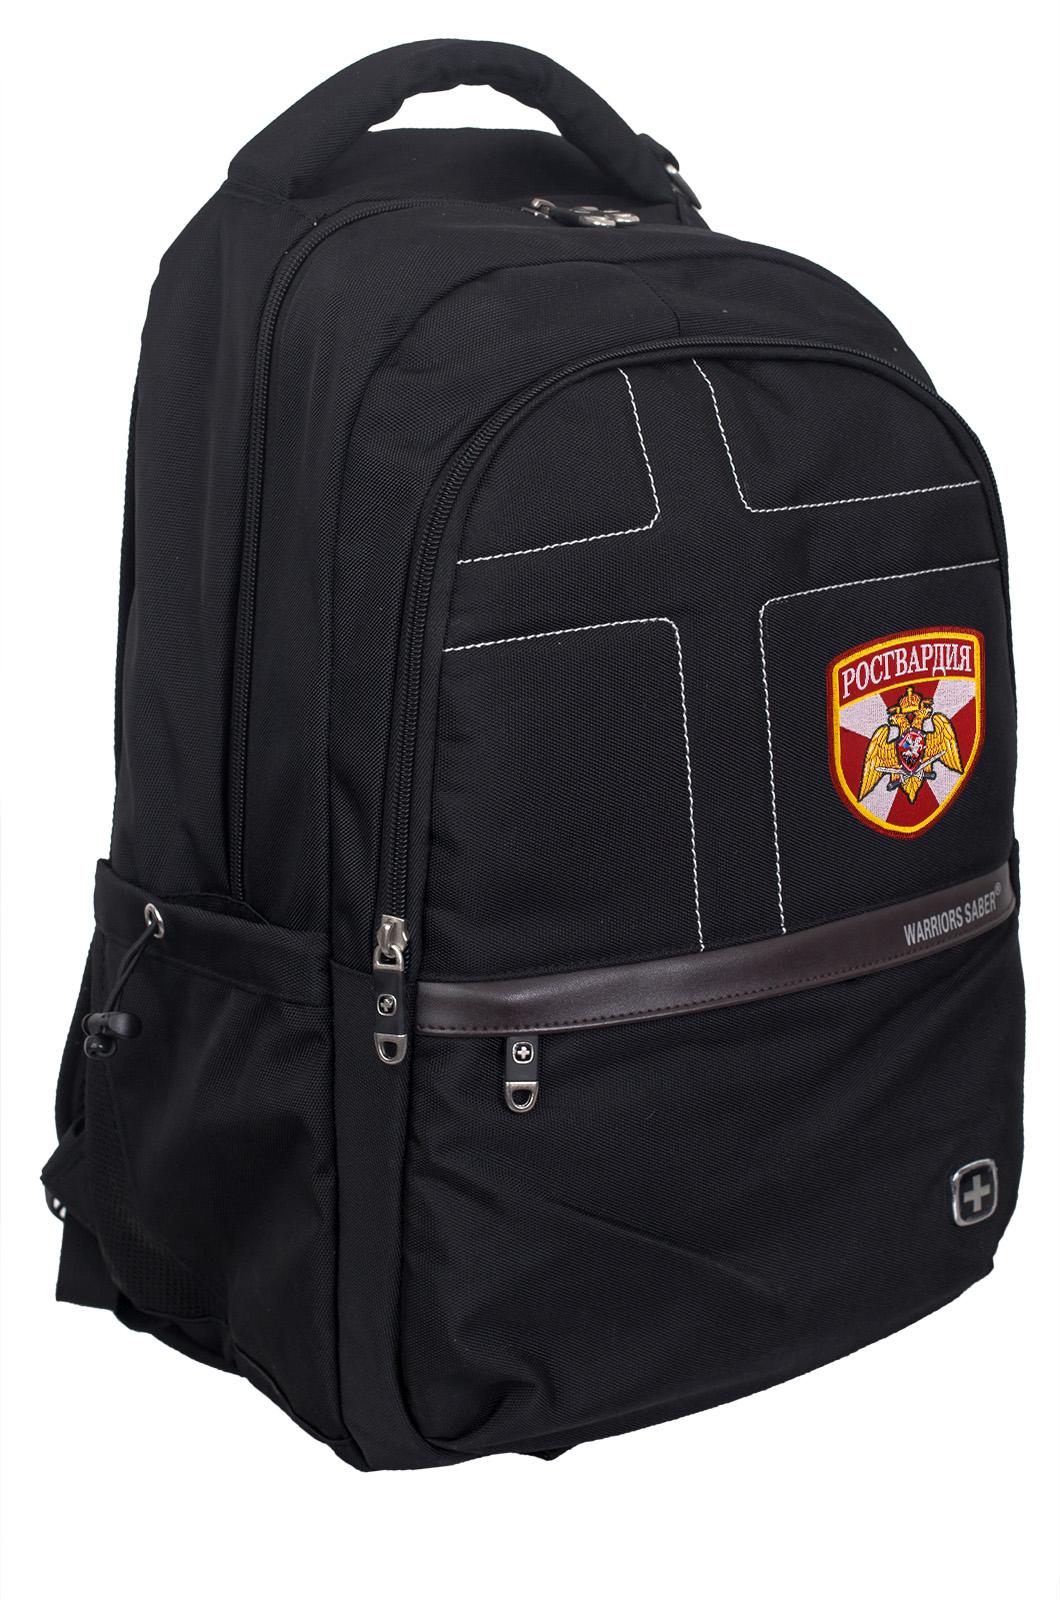 Молодежный городской рюкзак с нашивкой Росгвардия - заказать в подарок